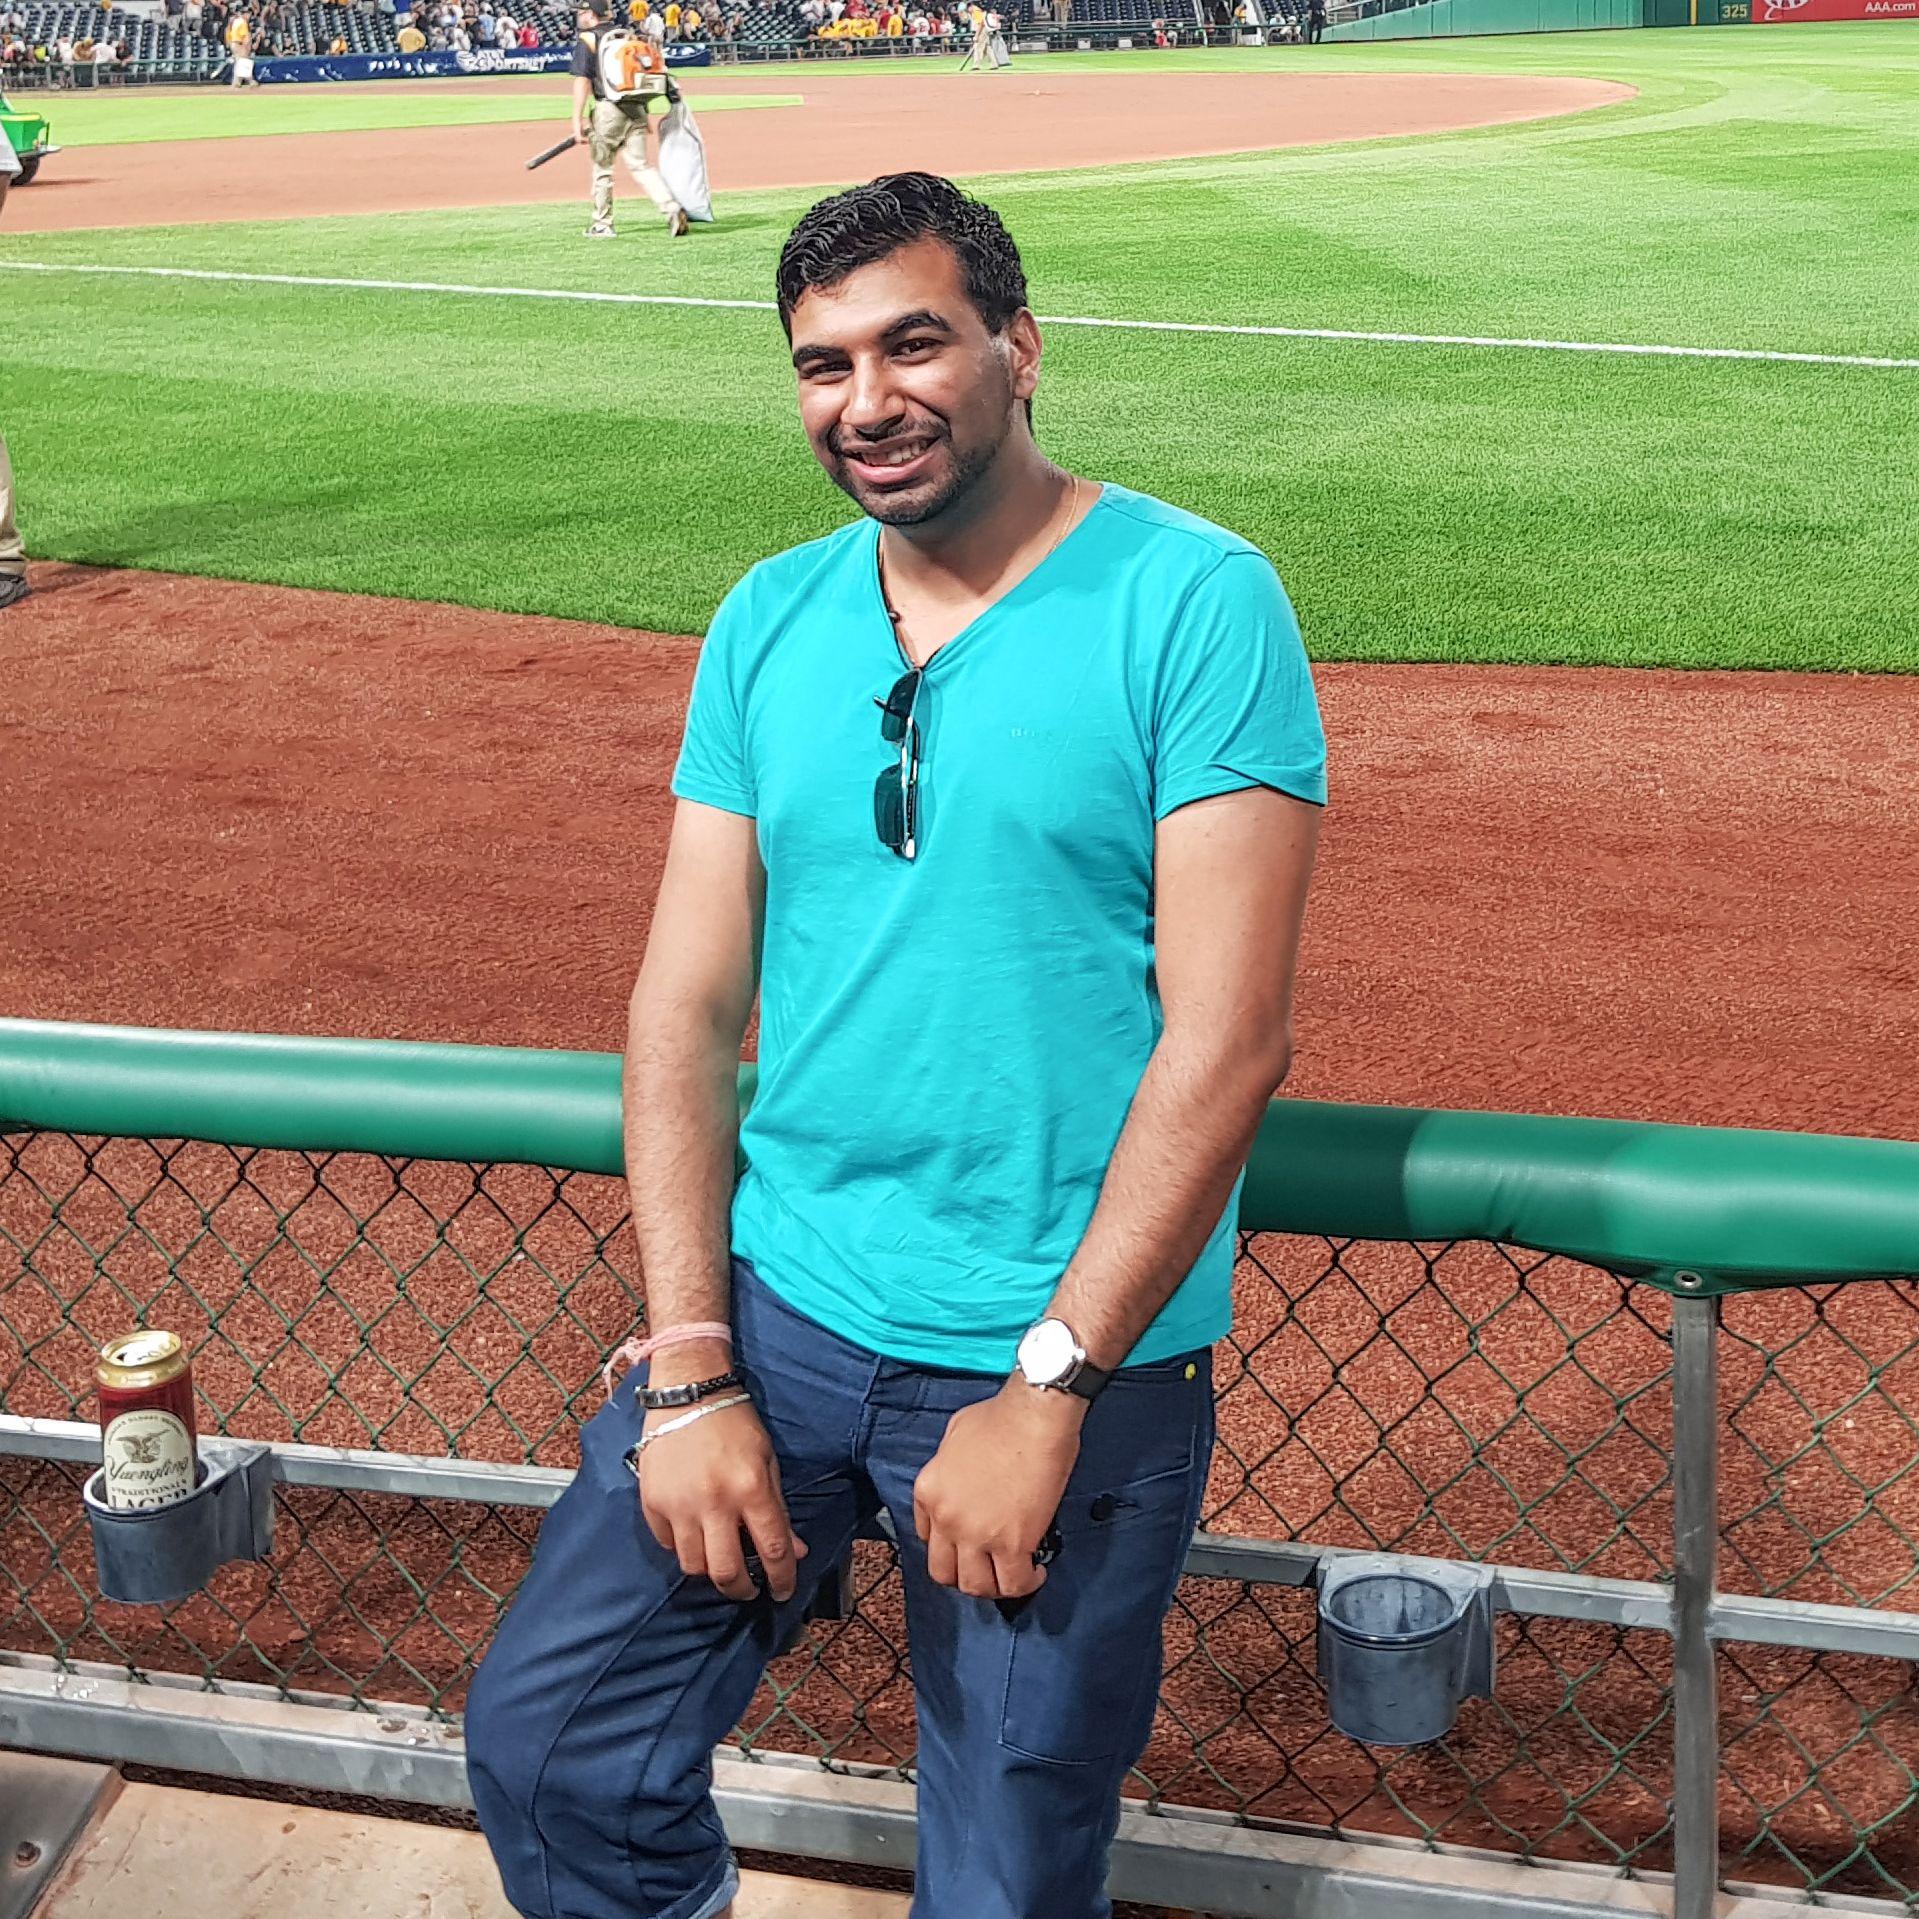 Unser Mitarbeiter Hans Chawla im PNC Park in Pittsburgh